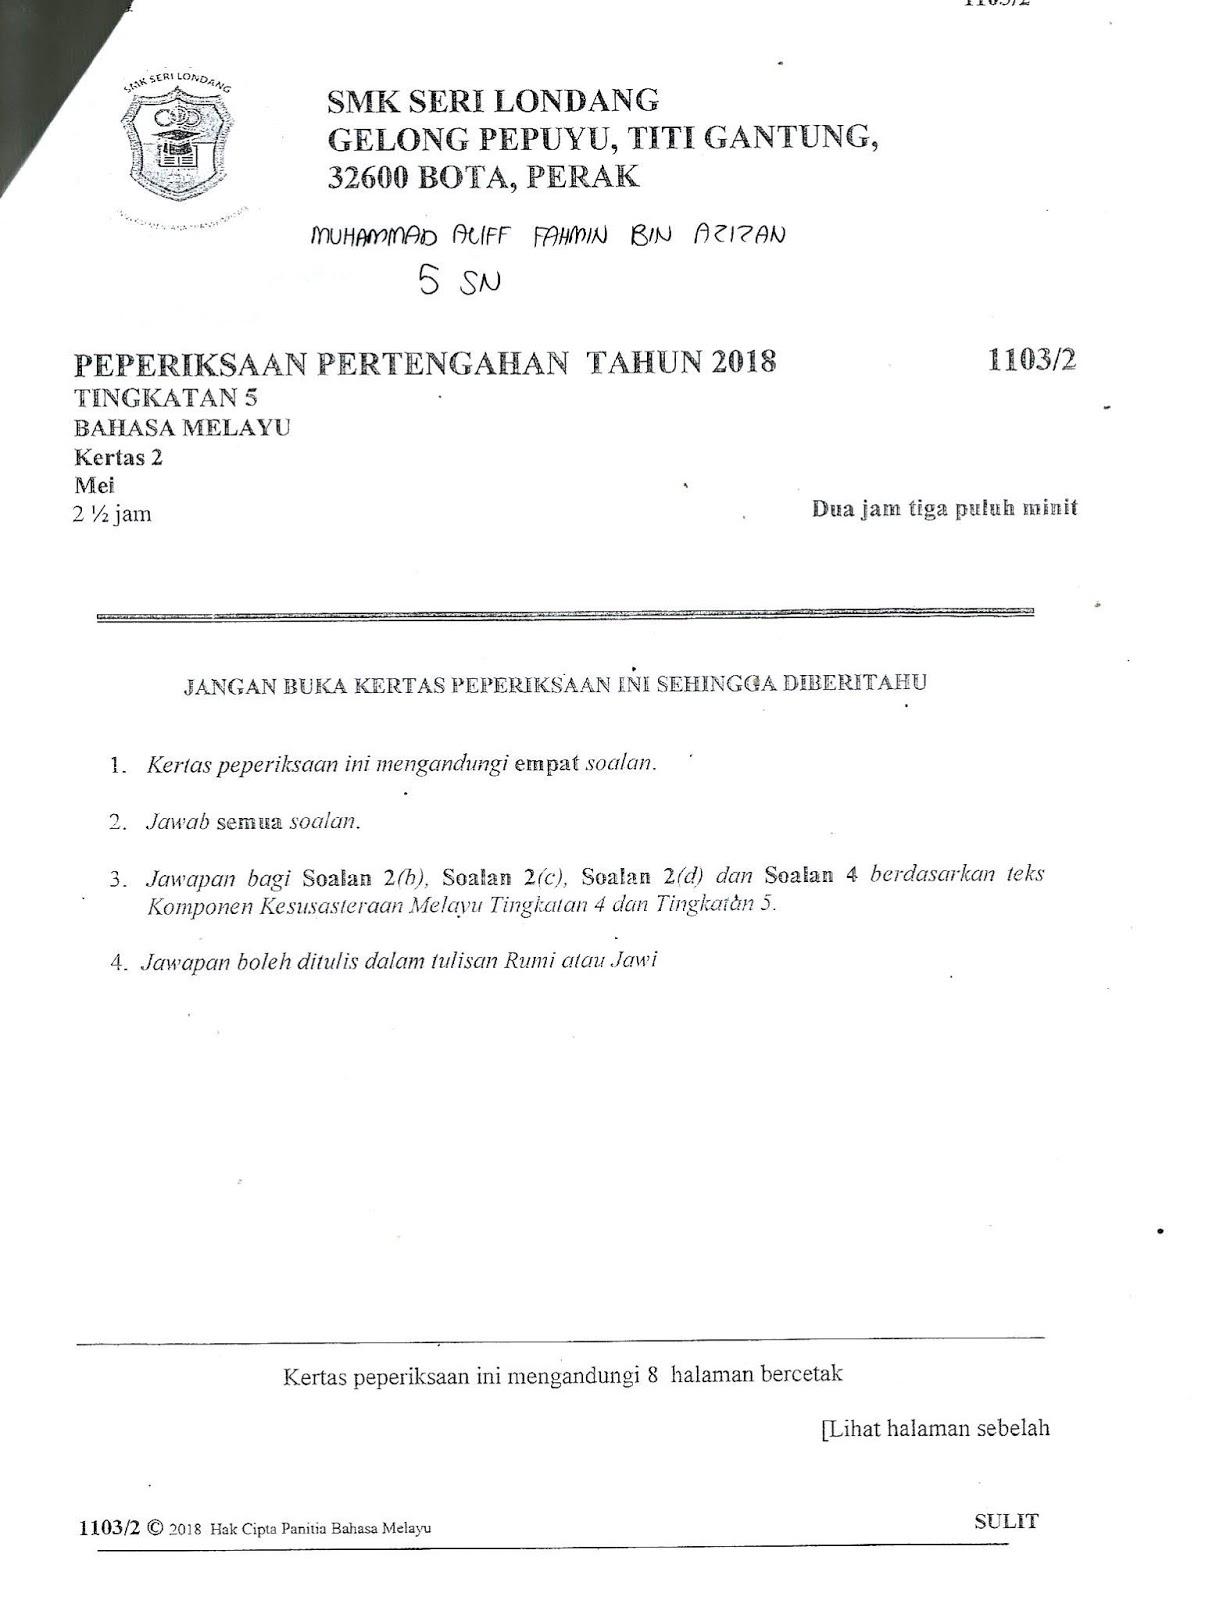 Soalan Peperiksaan Pertengahan Tahun Kesusasteraan Melayu Tingkatan 5 Meletup Laman Bahasa Melayu Spm Peperiksaan Pertengahan Tahun Tingkatan 5